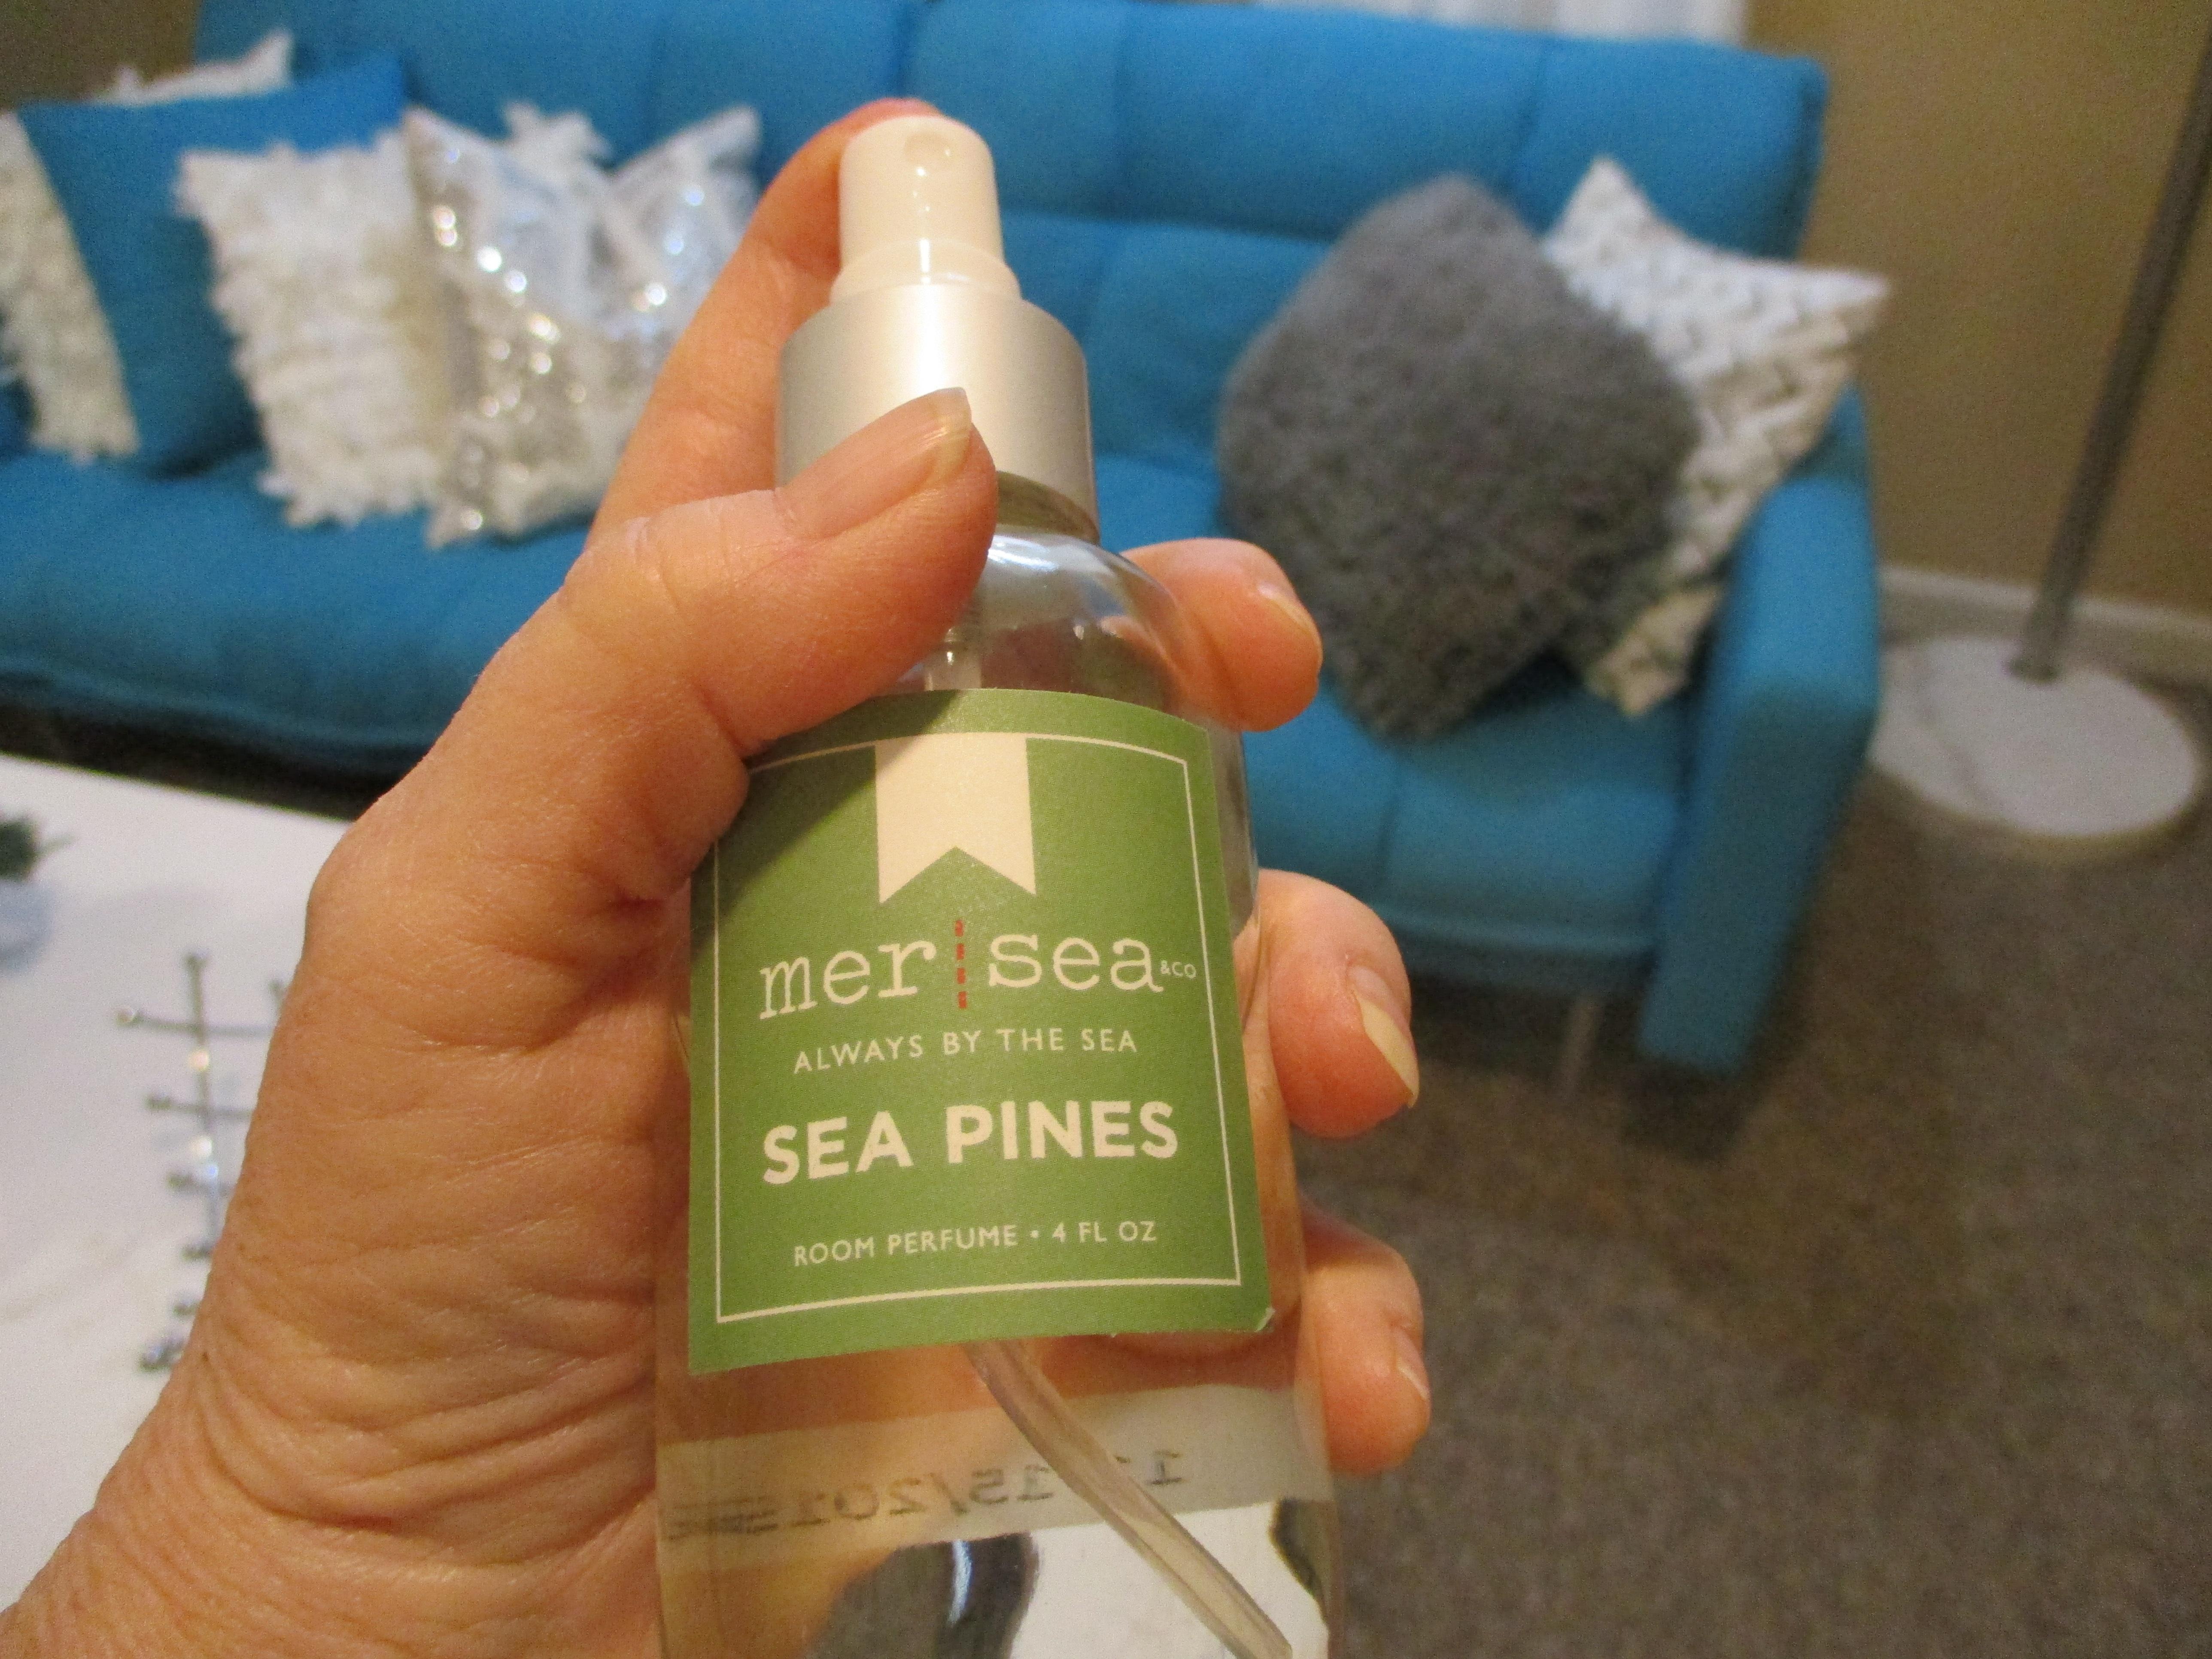 Mer-Sea Sea Pines For Christmas Room Spray Save 10%